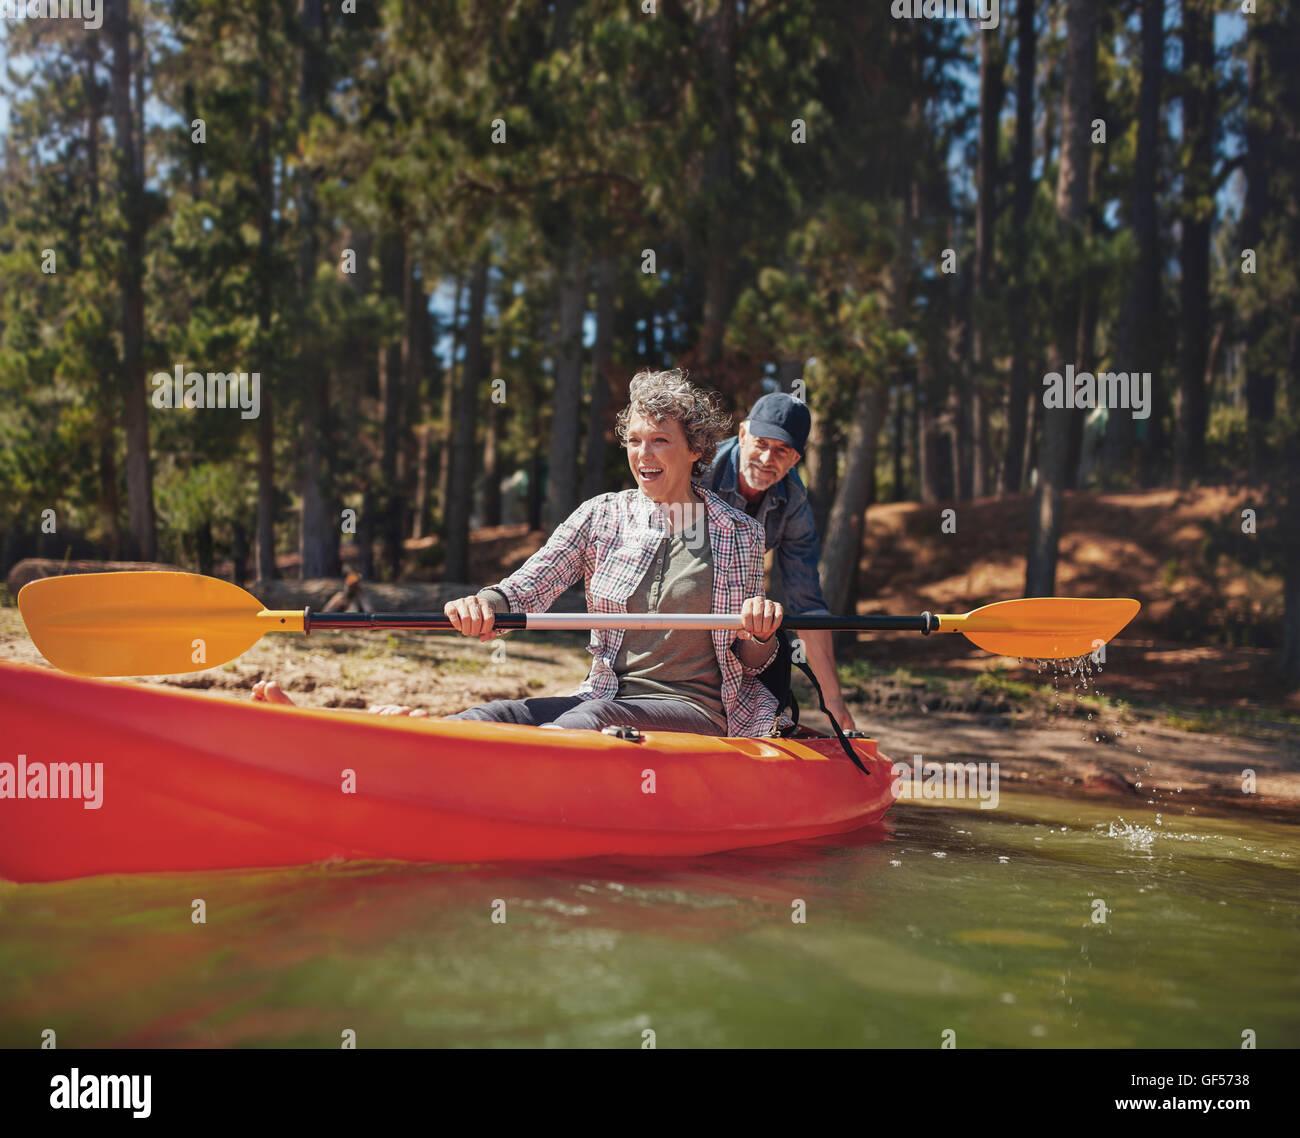 Portrait of happy young couple having fun at the lake. Kayak avec pagaie Femme Homme poussant par l'arrière Photo Stock